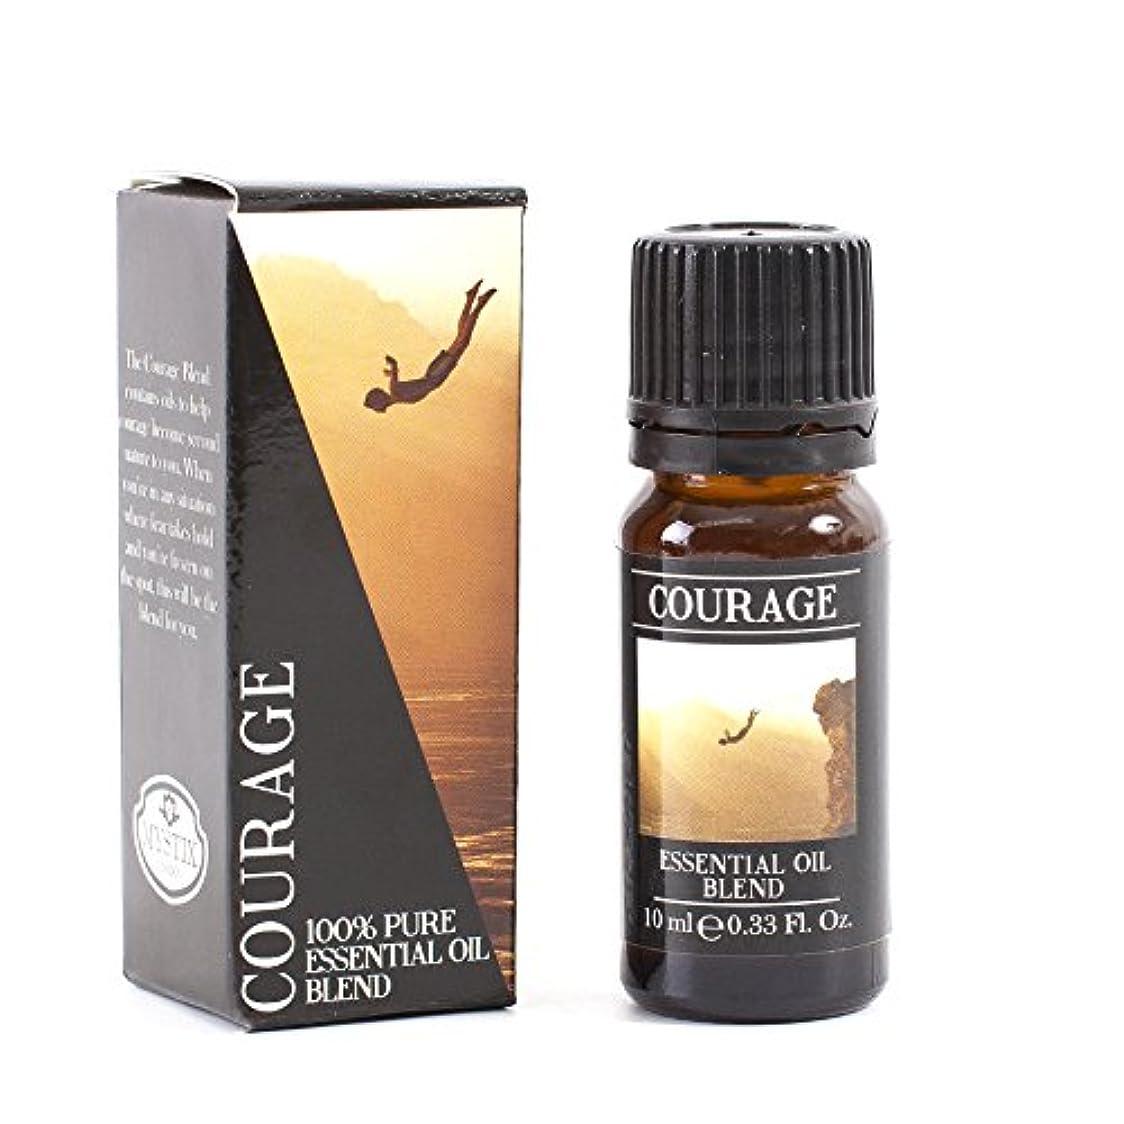 メルボルン番号小康Mystic Moments | Courage Essential Oil Blend - 10ml - 100% Pure